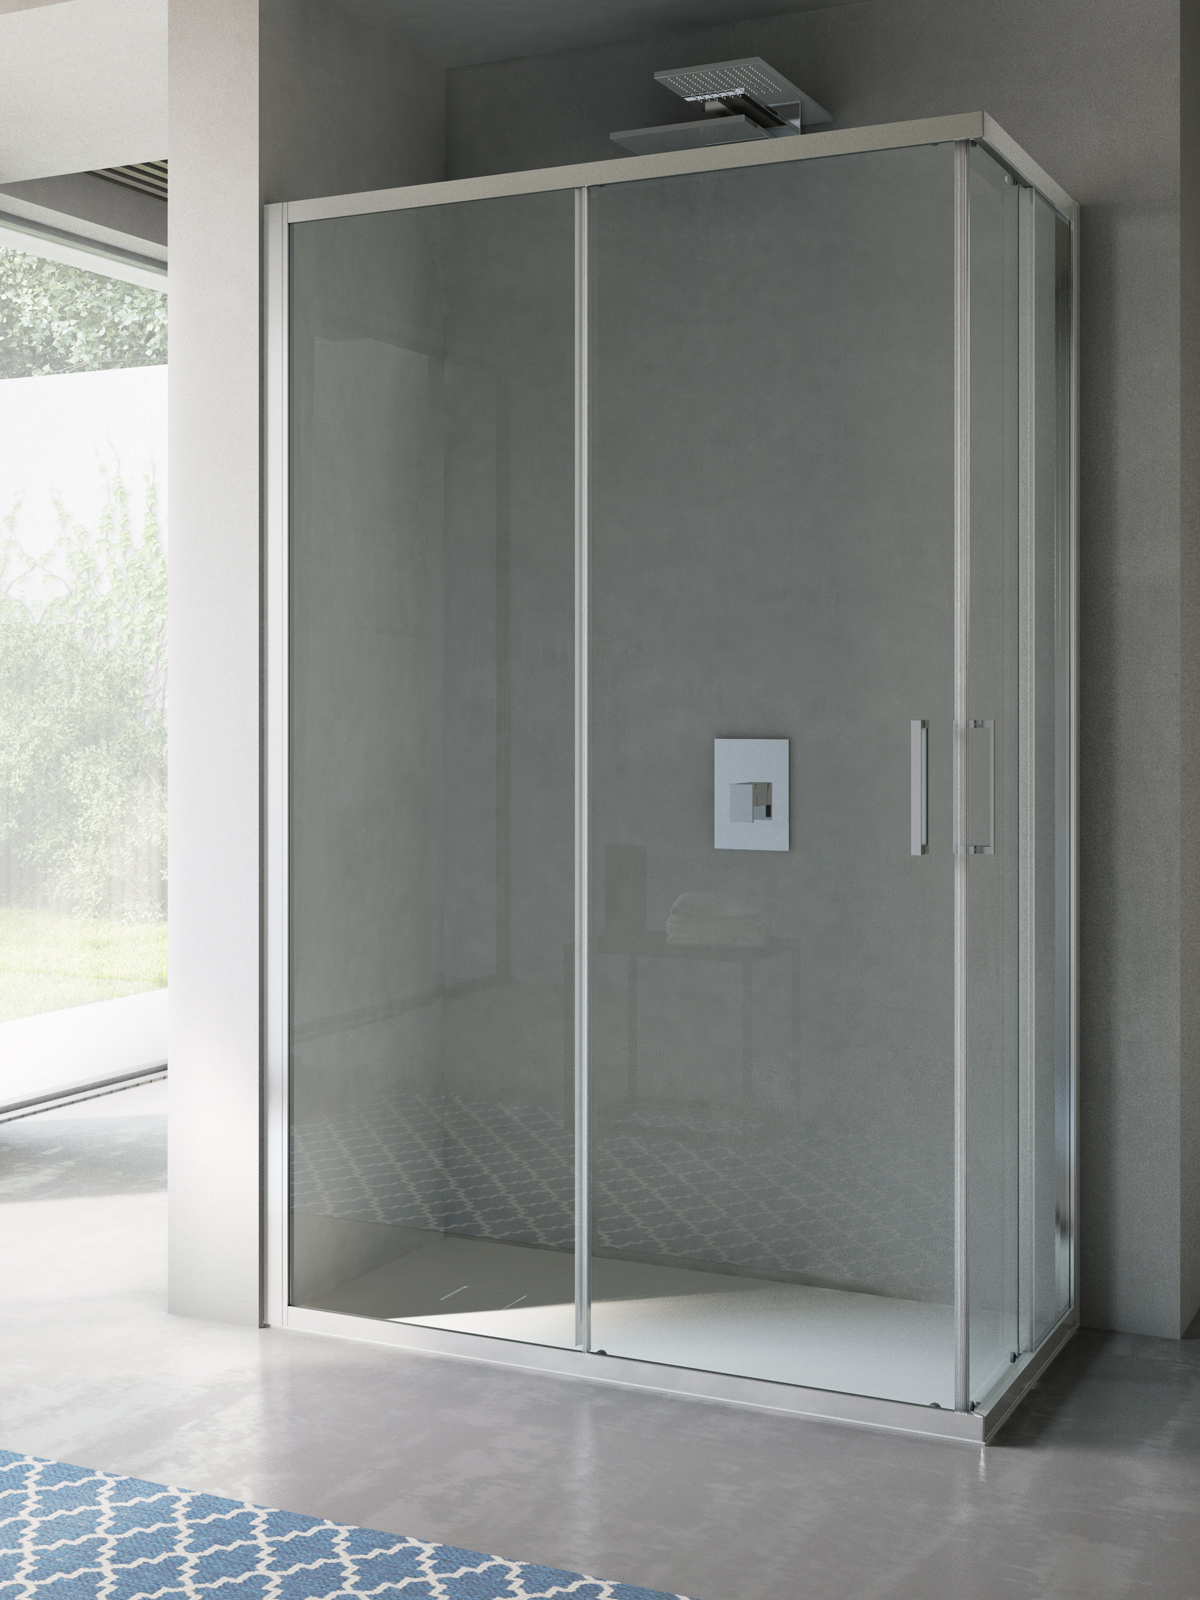 Disenia cabina doccia free con telaio porta battente - Porta cabina doccia ...